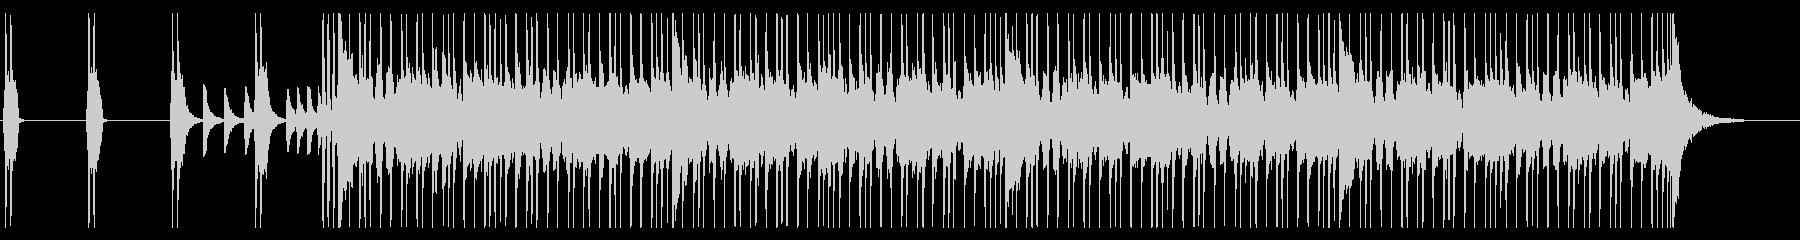 ロックギターリフ5の未再生の波形